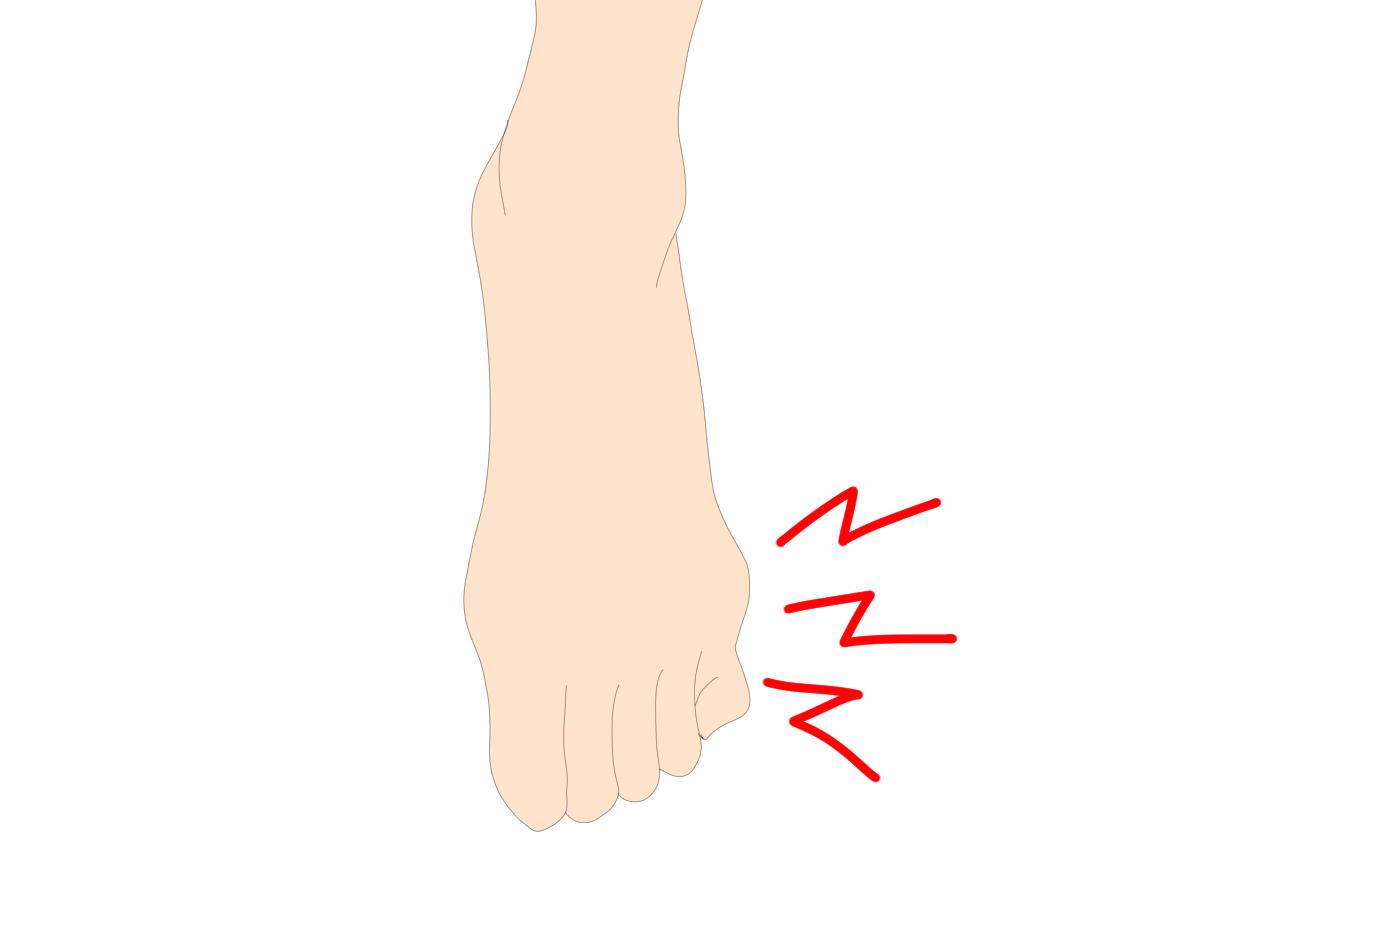 足 の 小指 の 付け根 痛い 内反小趾・バニオネット~足の小指の付け根の痛み・腫れ